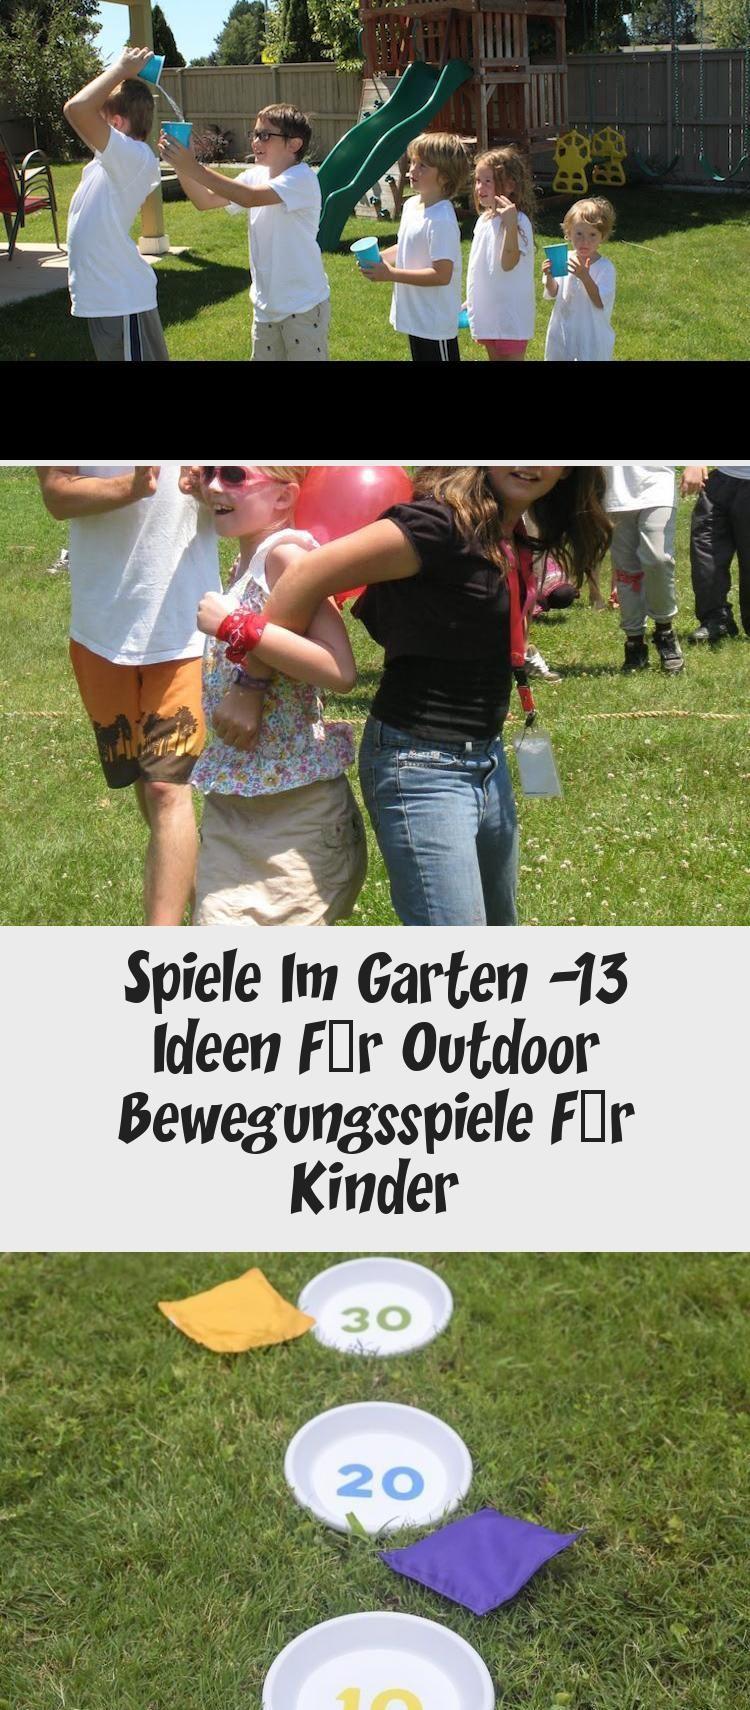 Spiele Im Garten 13 Ideen Für Outdoor Bewegungsspiele Für Kinder Sandkasten Gartengestaltung Games Kinderspielpla Spiele Im Garten Outdoor Bewegungsspiele